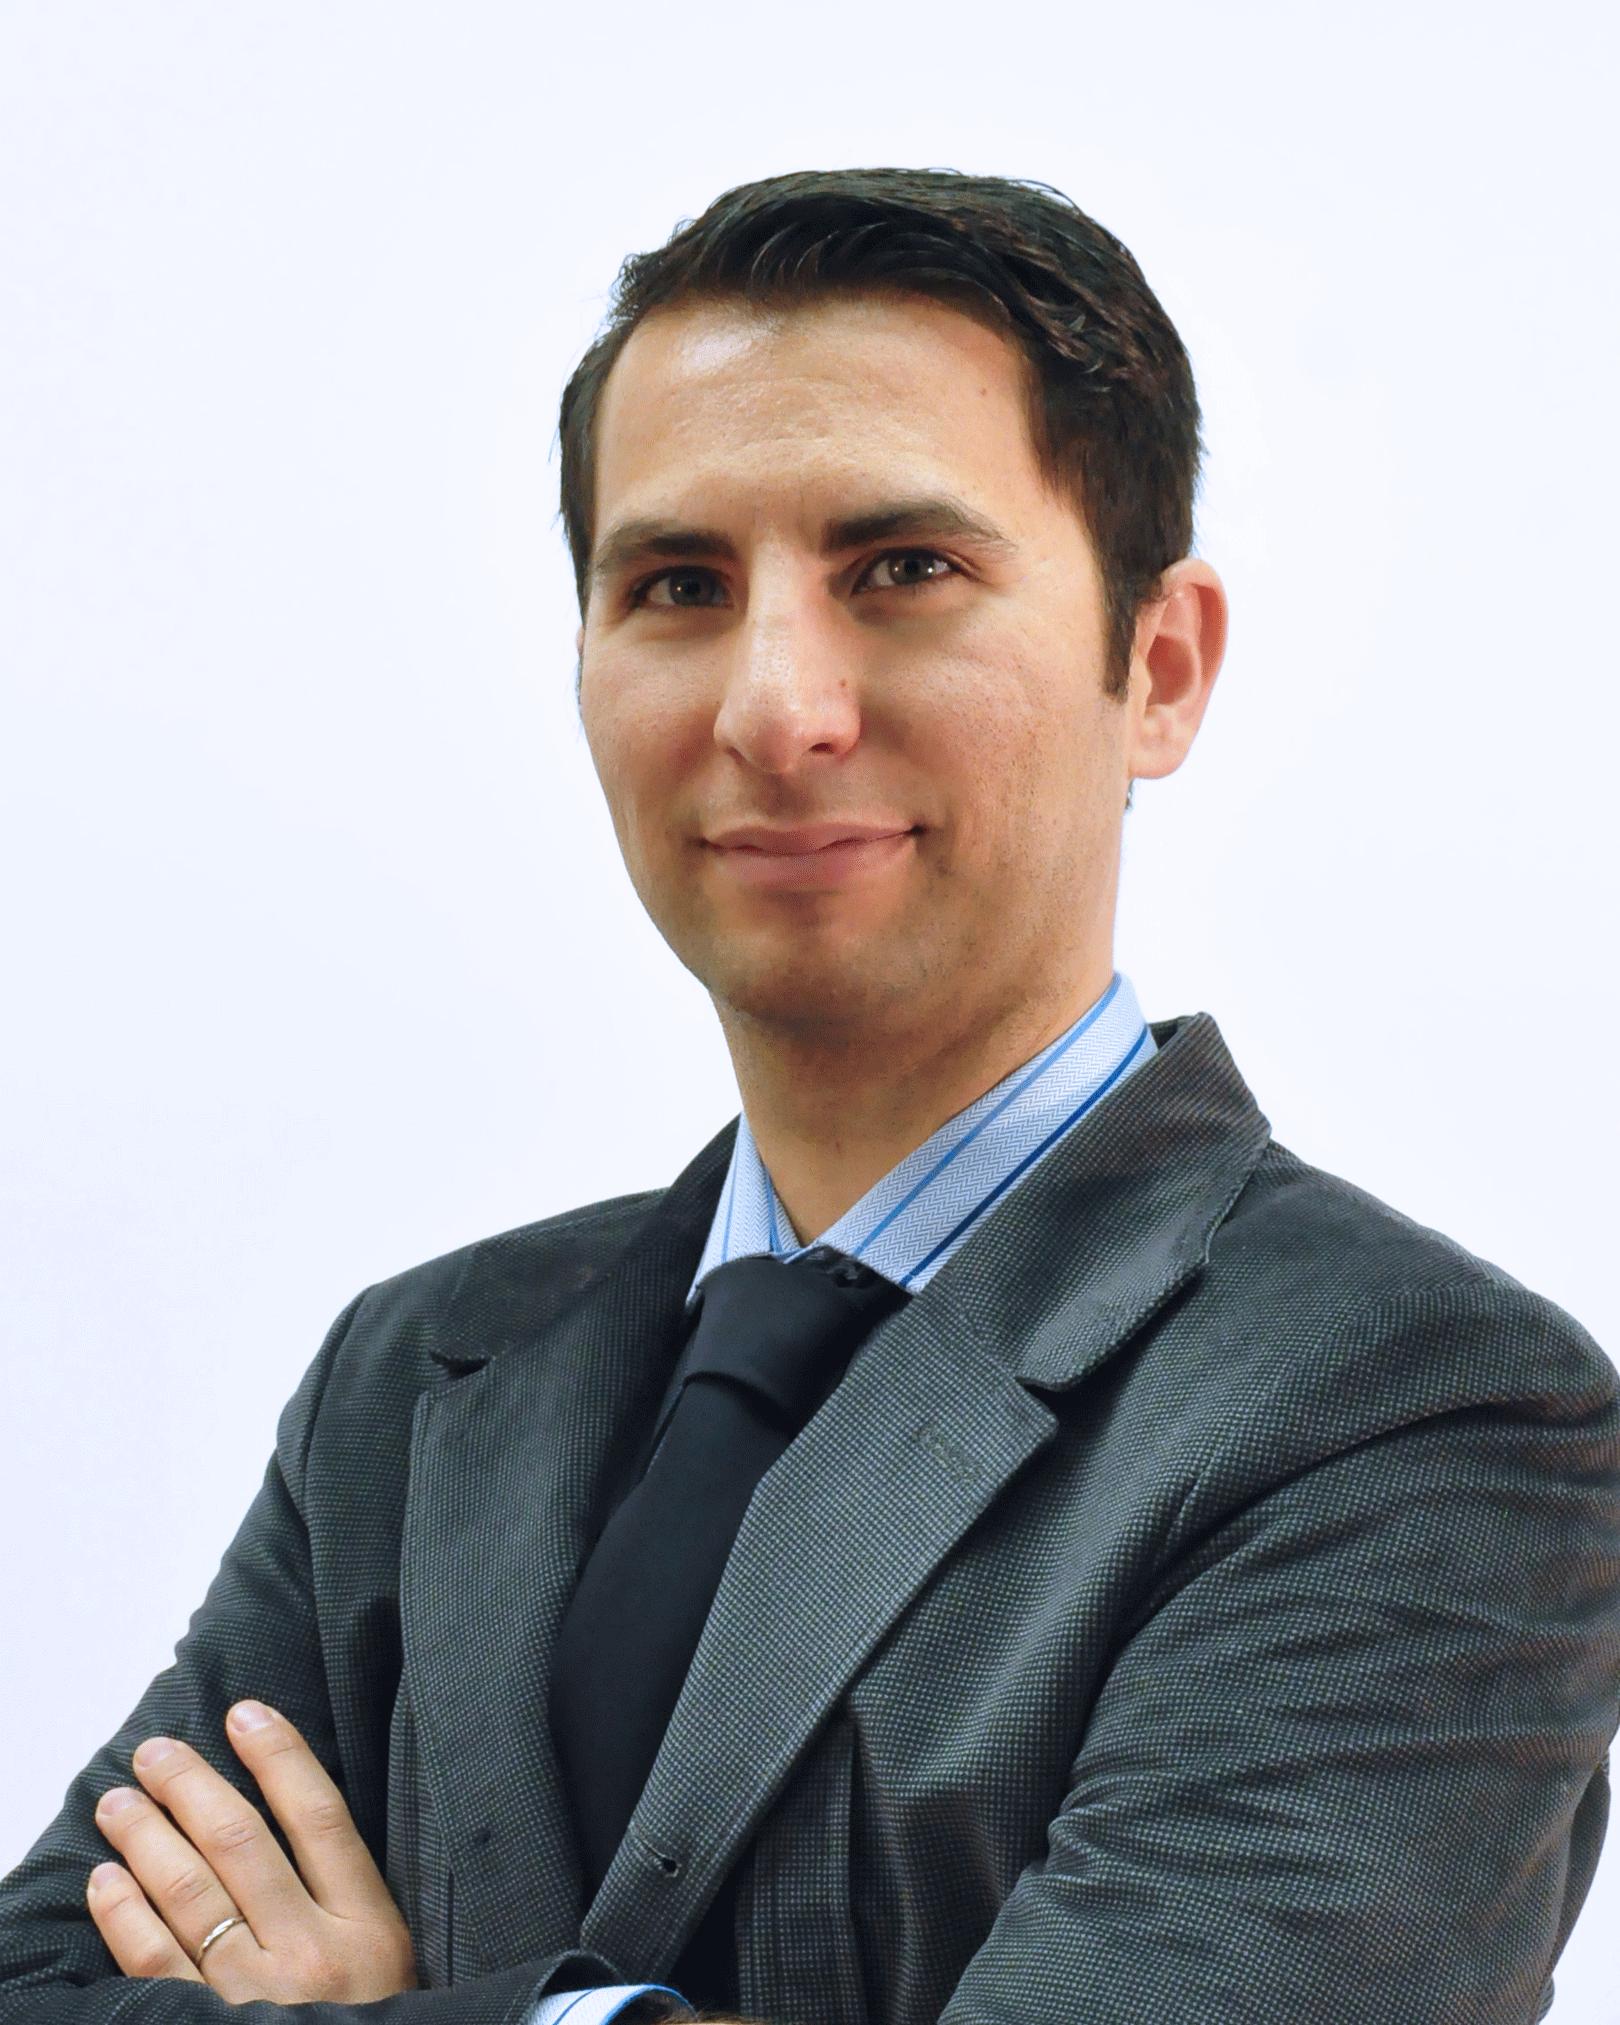 Cesar Chacon